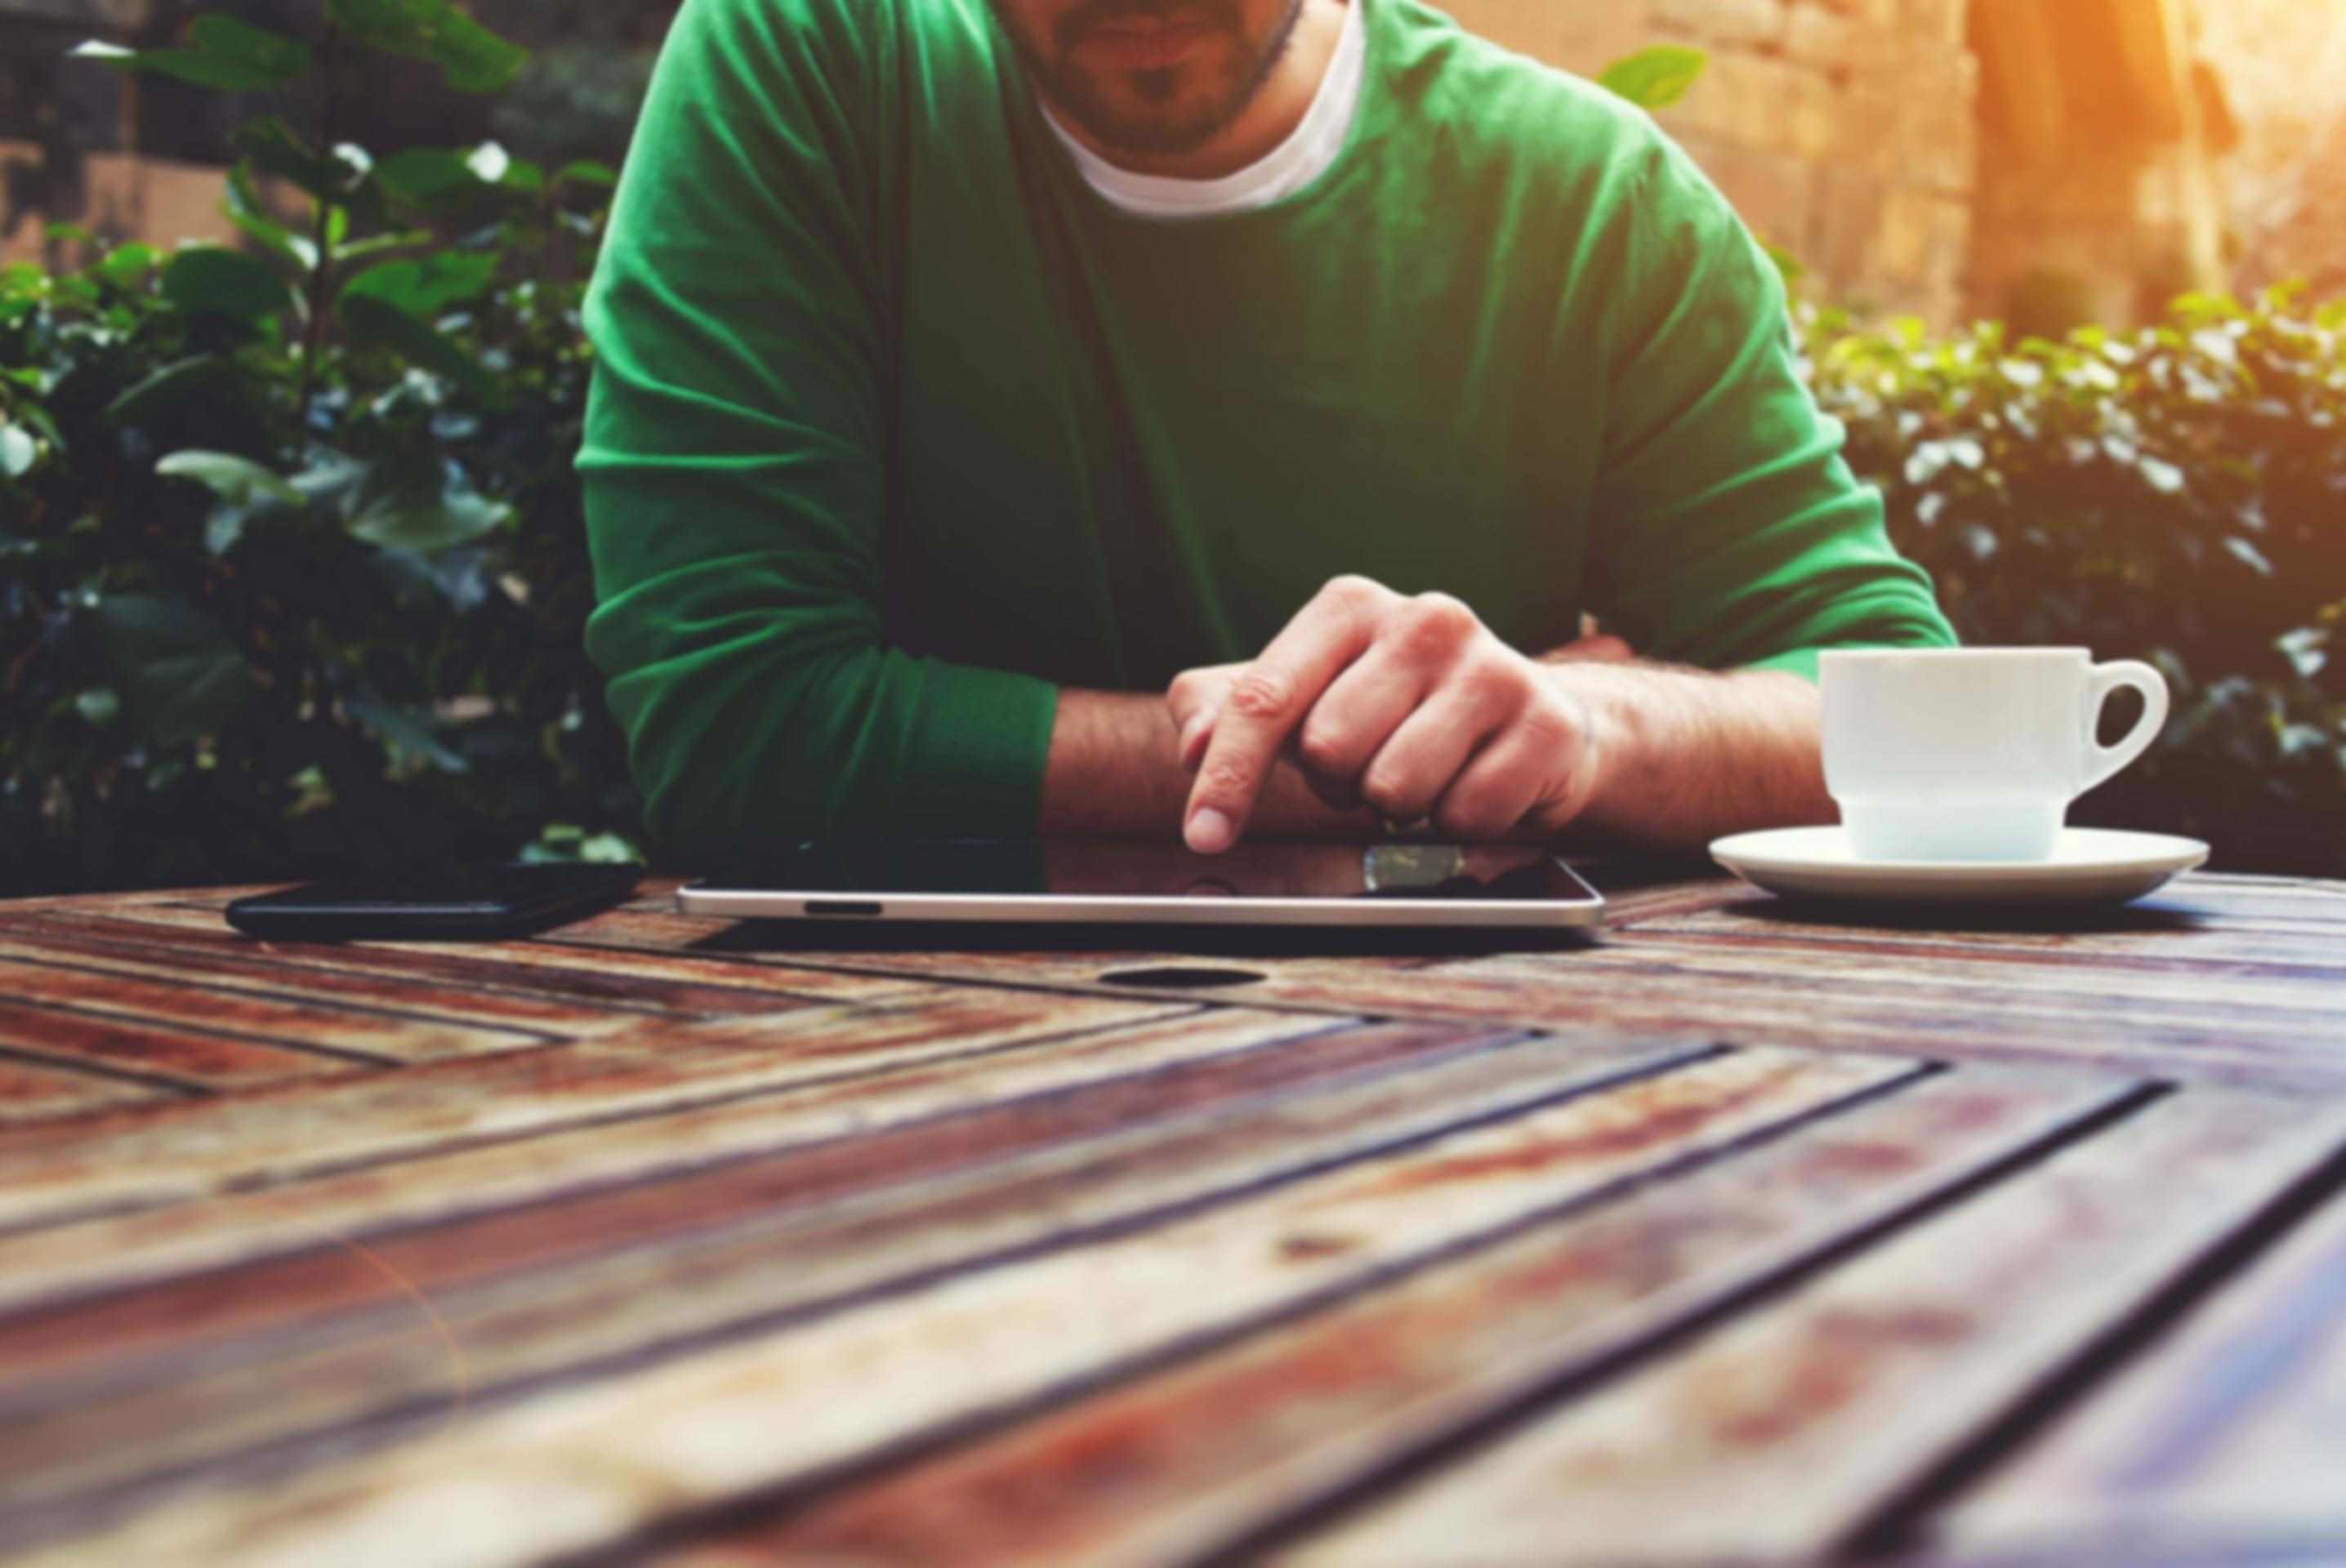 男子坐在室外的桌子旁使用平板电脑工作。